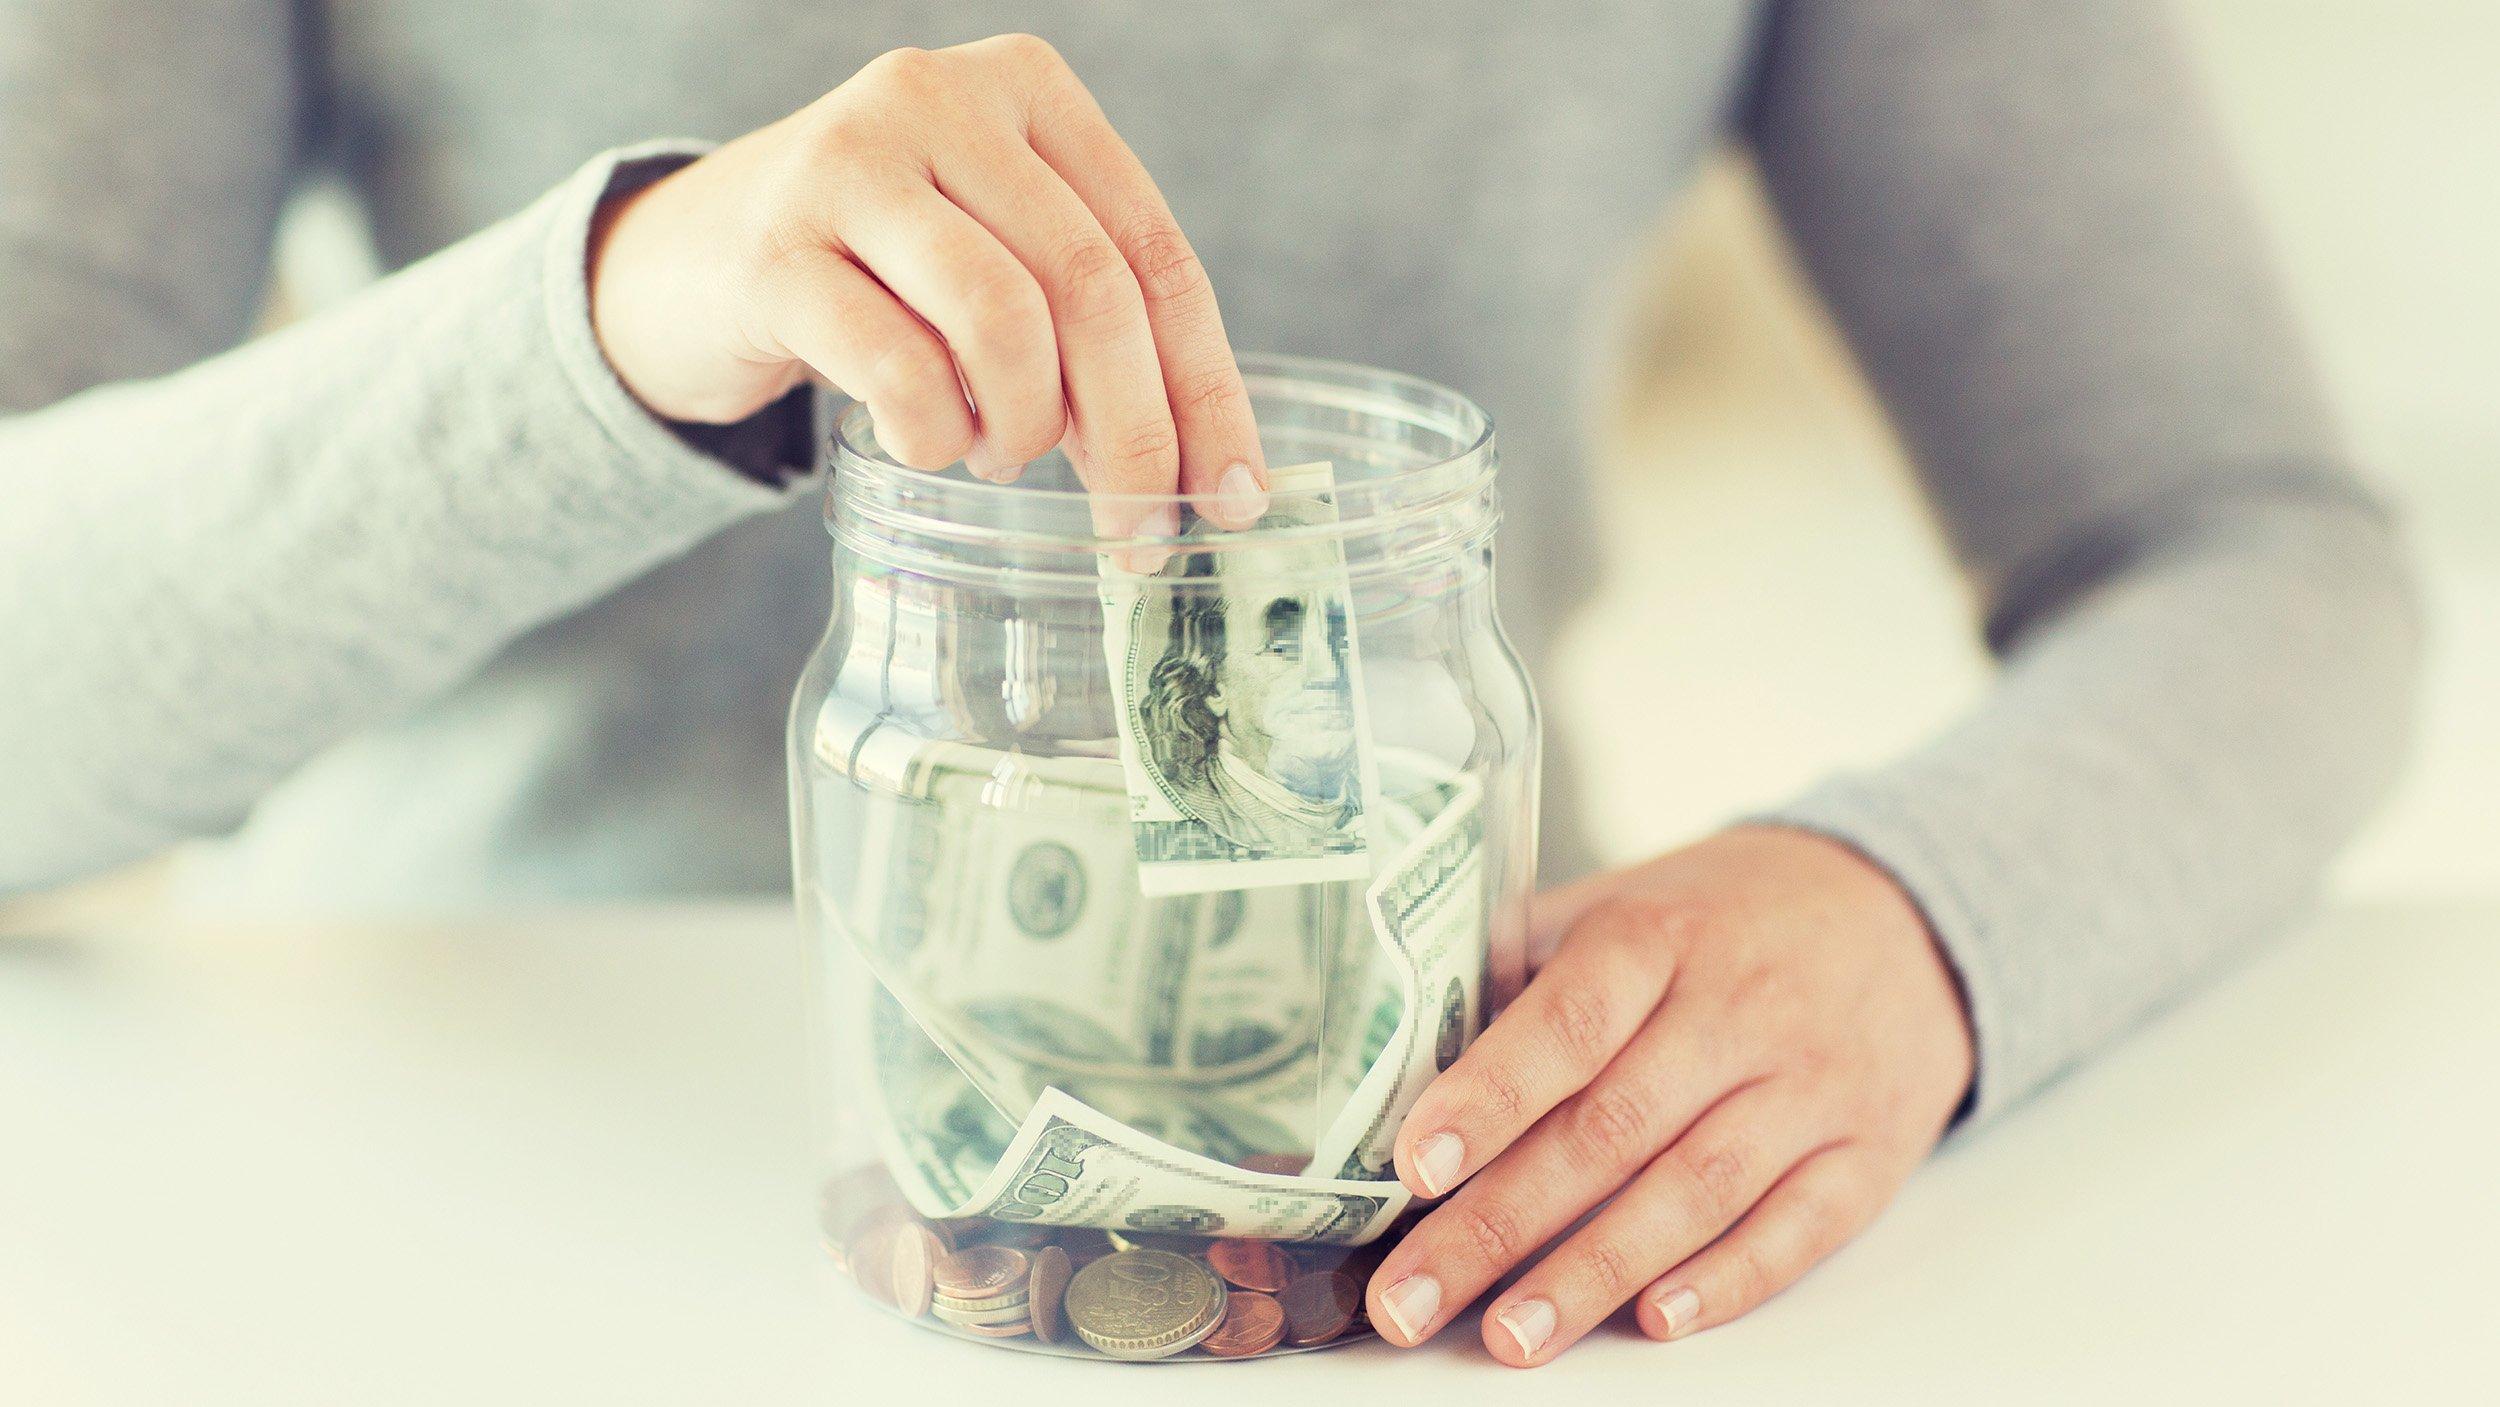 cum să faci bani pentru un astrolog repede acasă